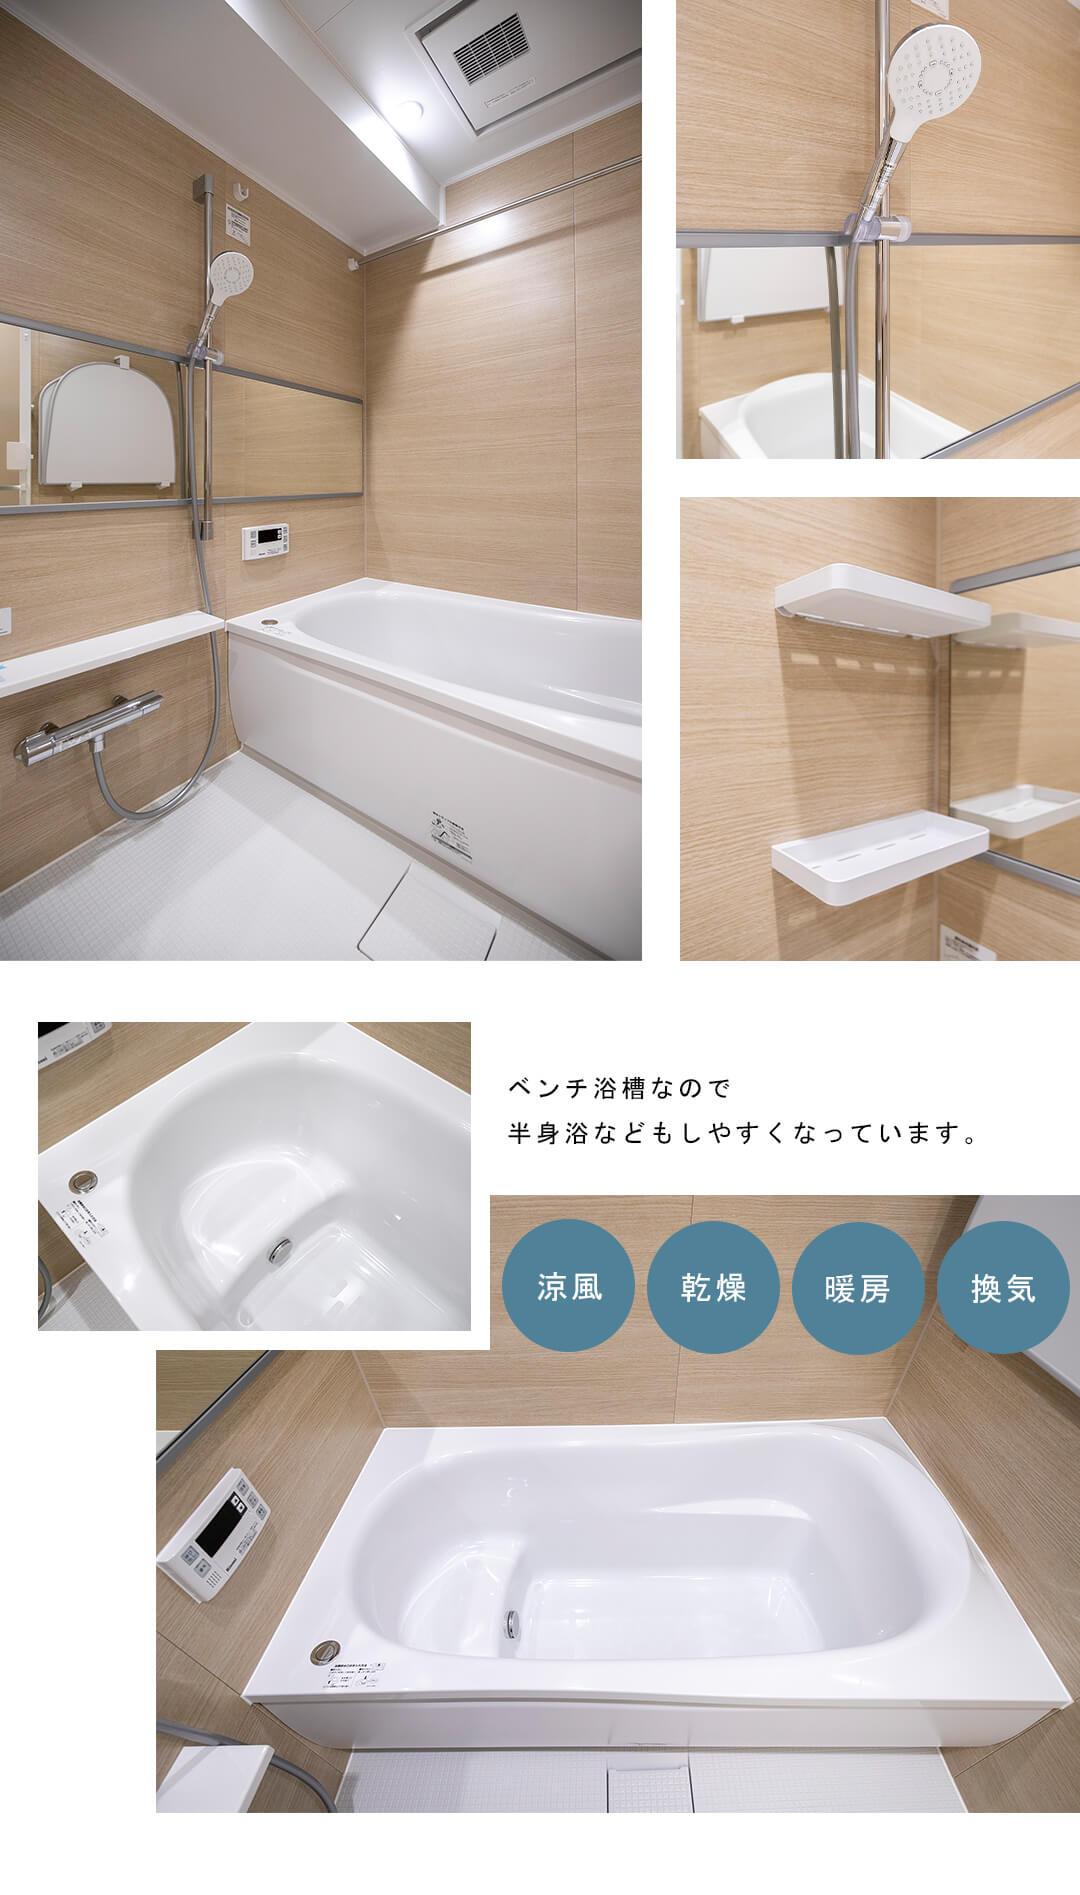 パラッシオ用賀の浴室